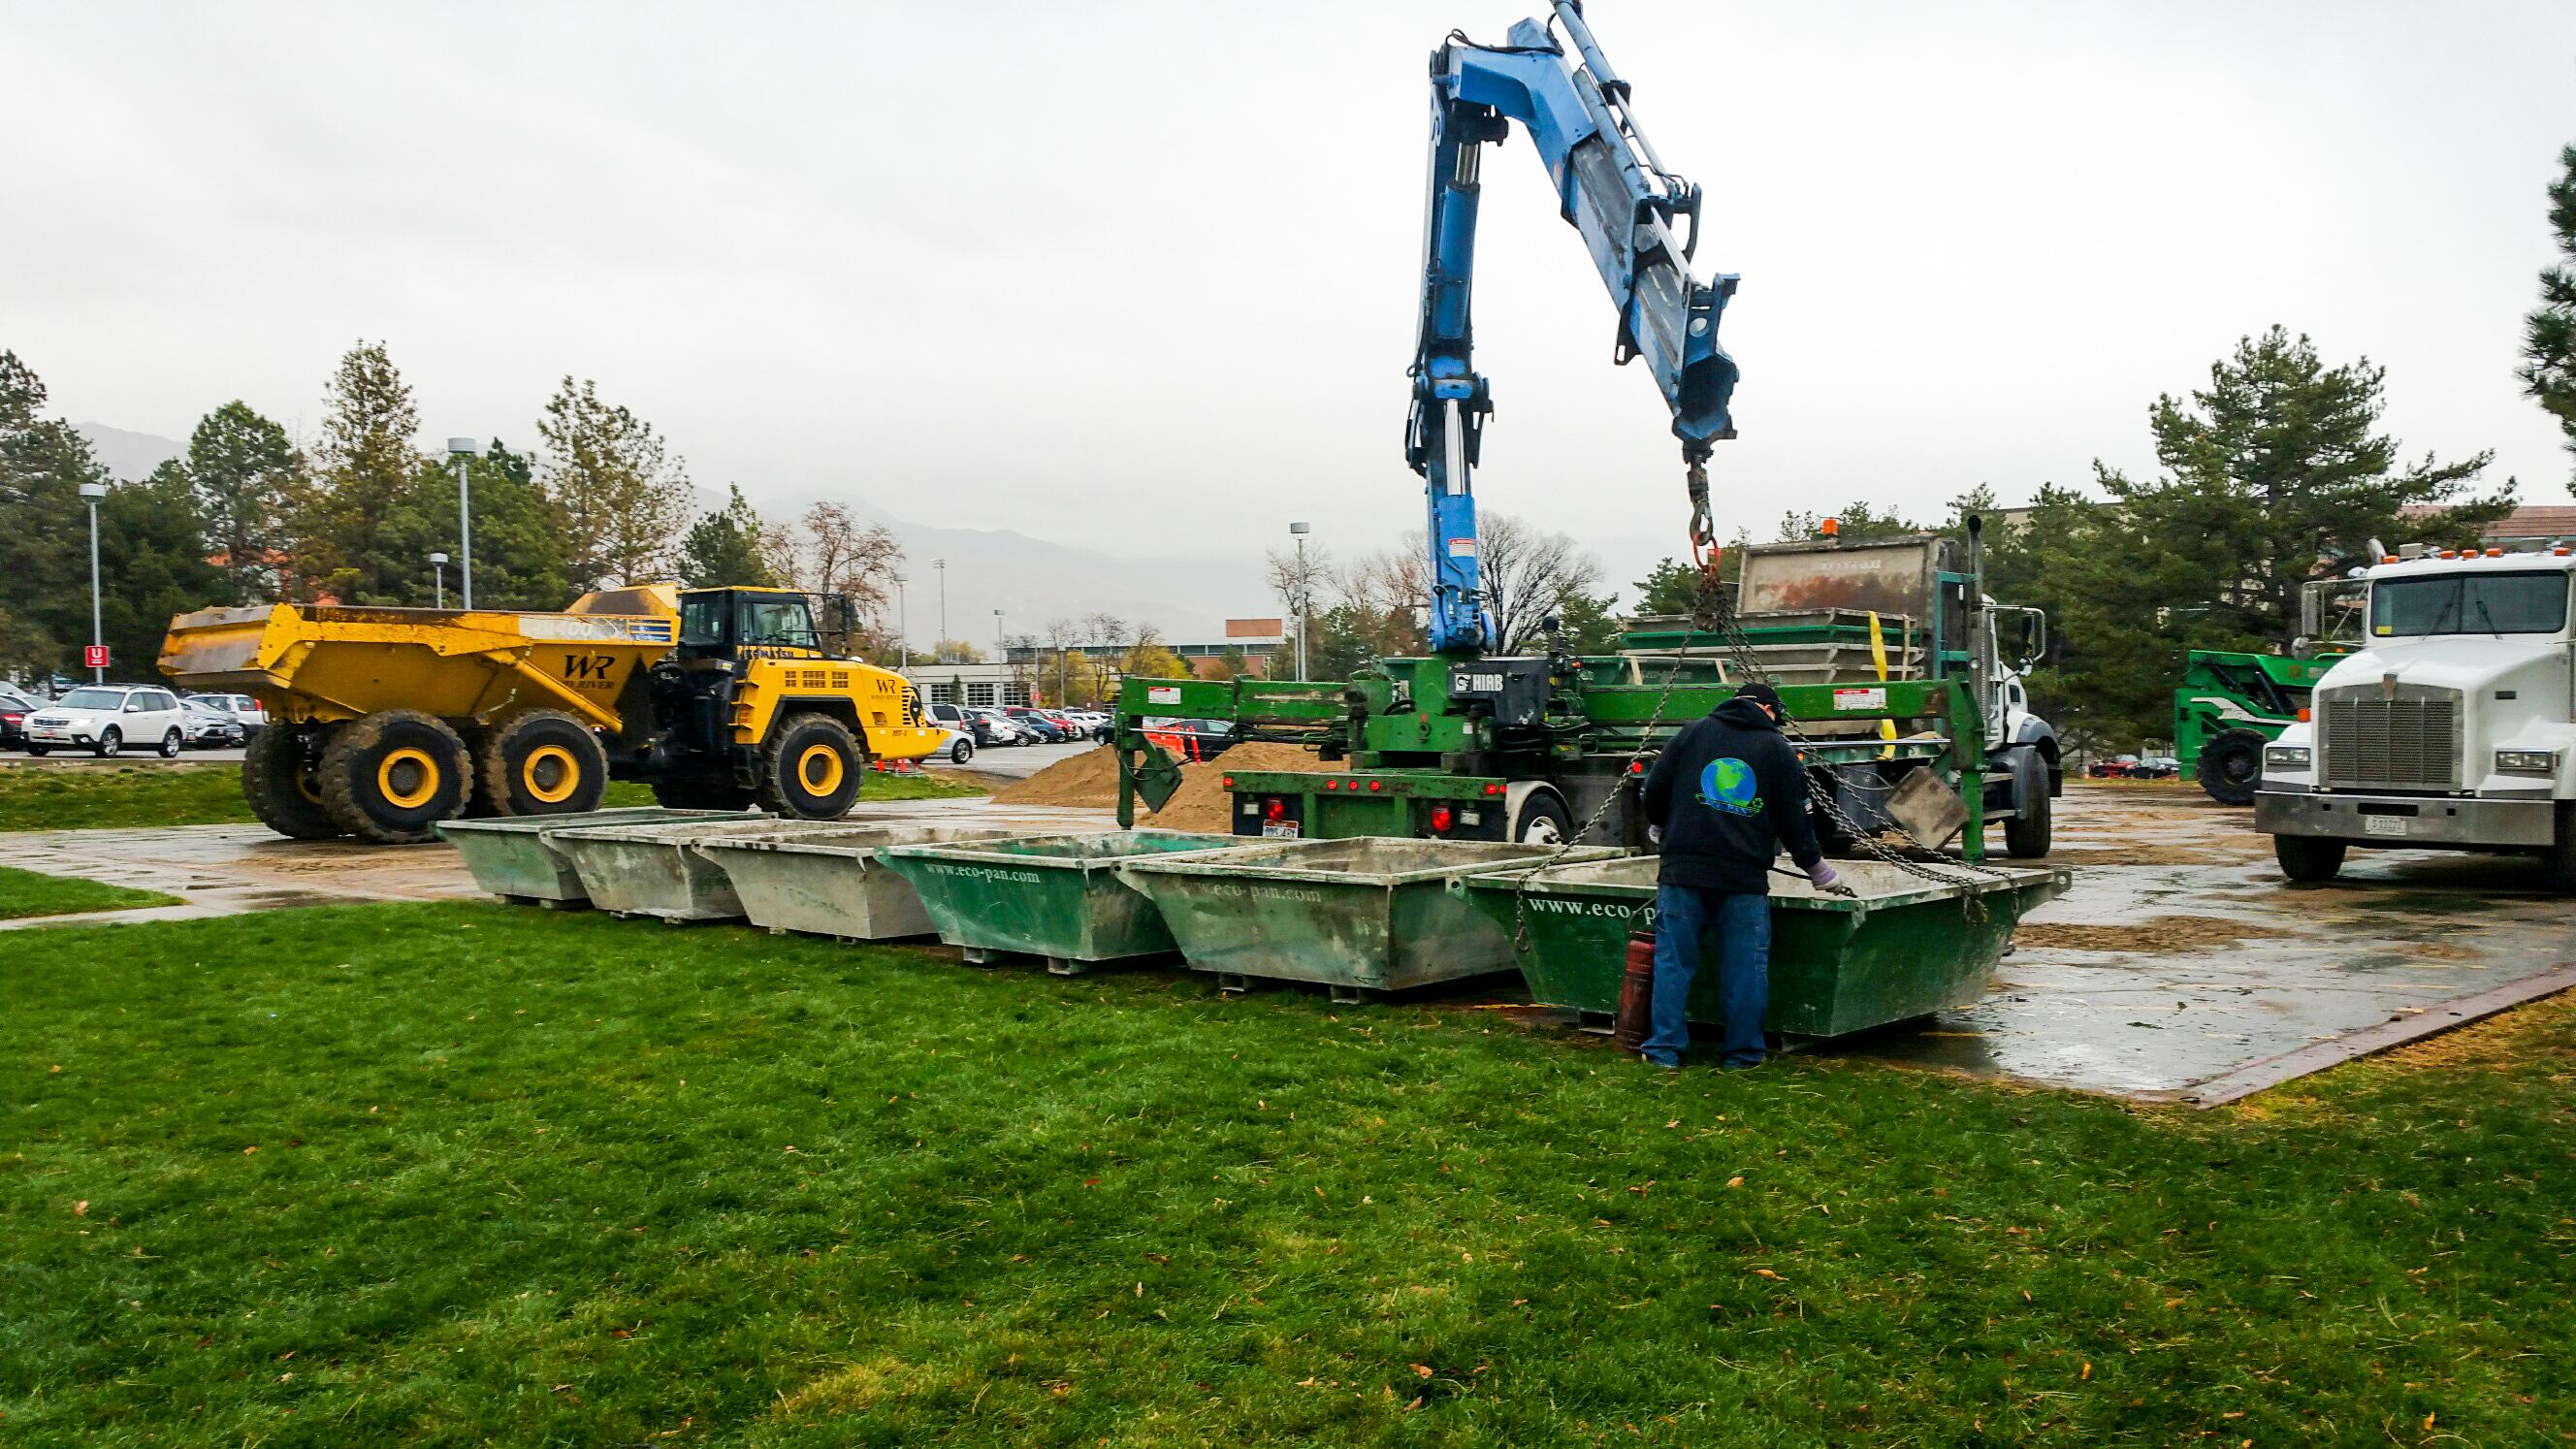 Eco-Pan at University of Utah